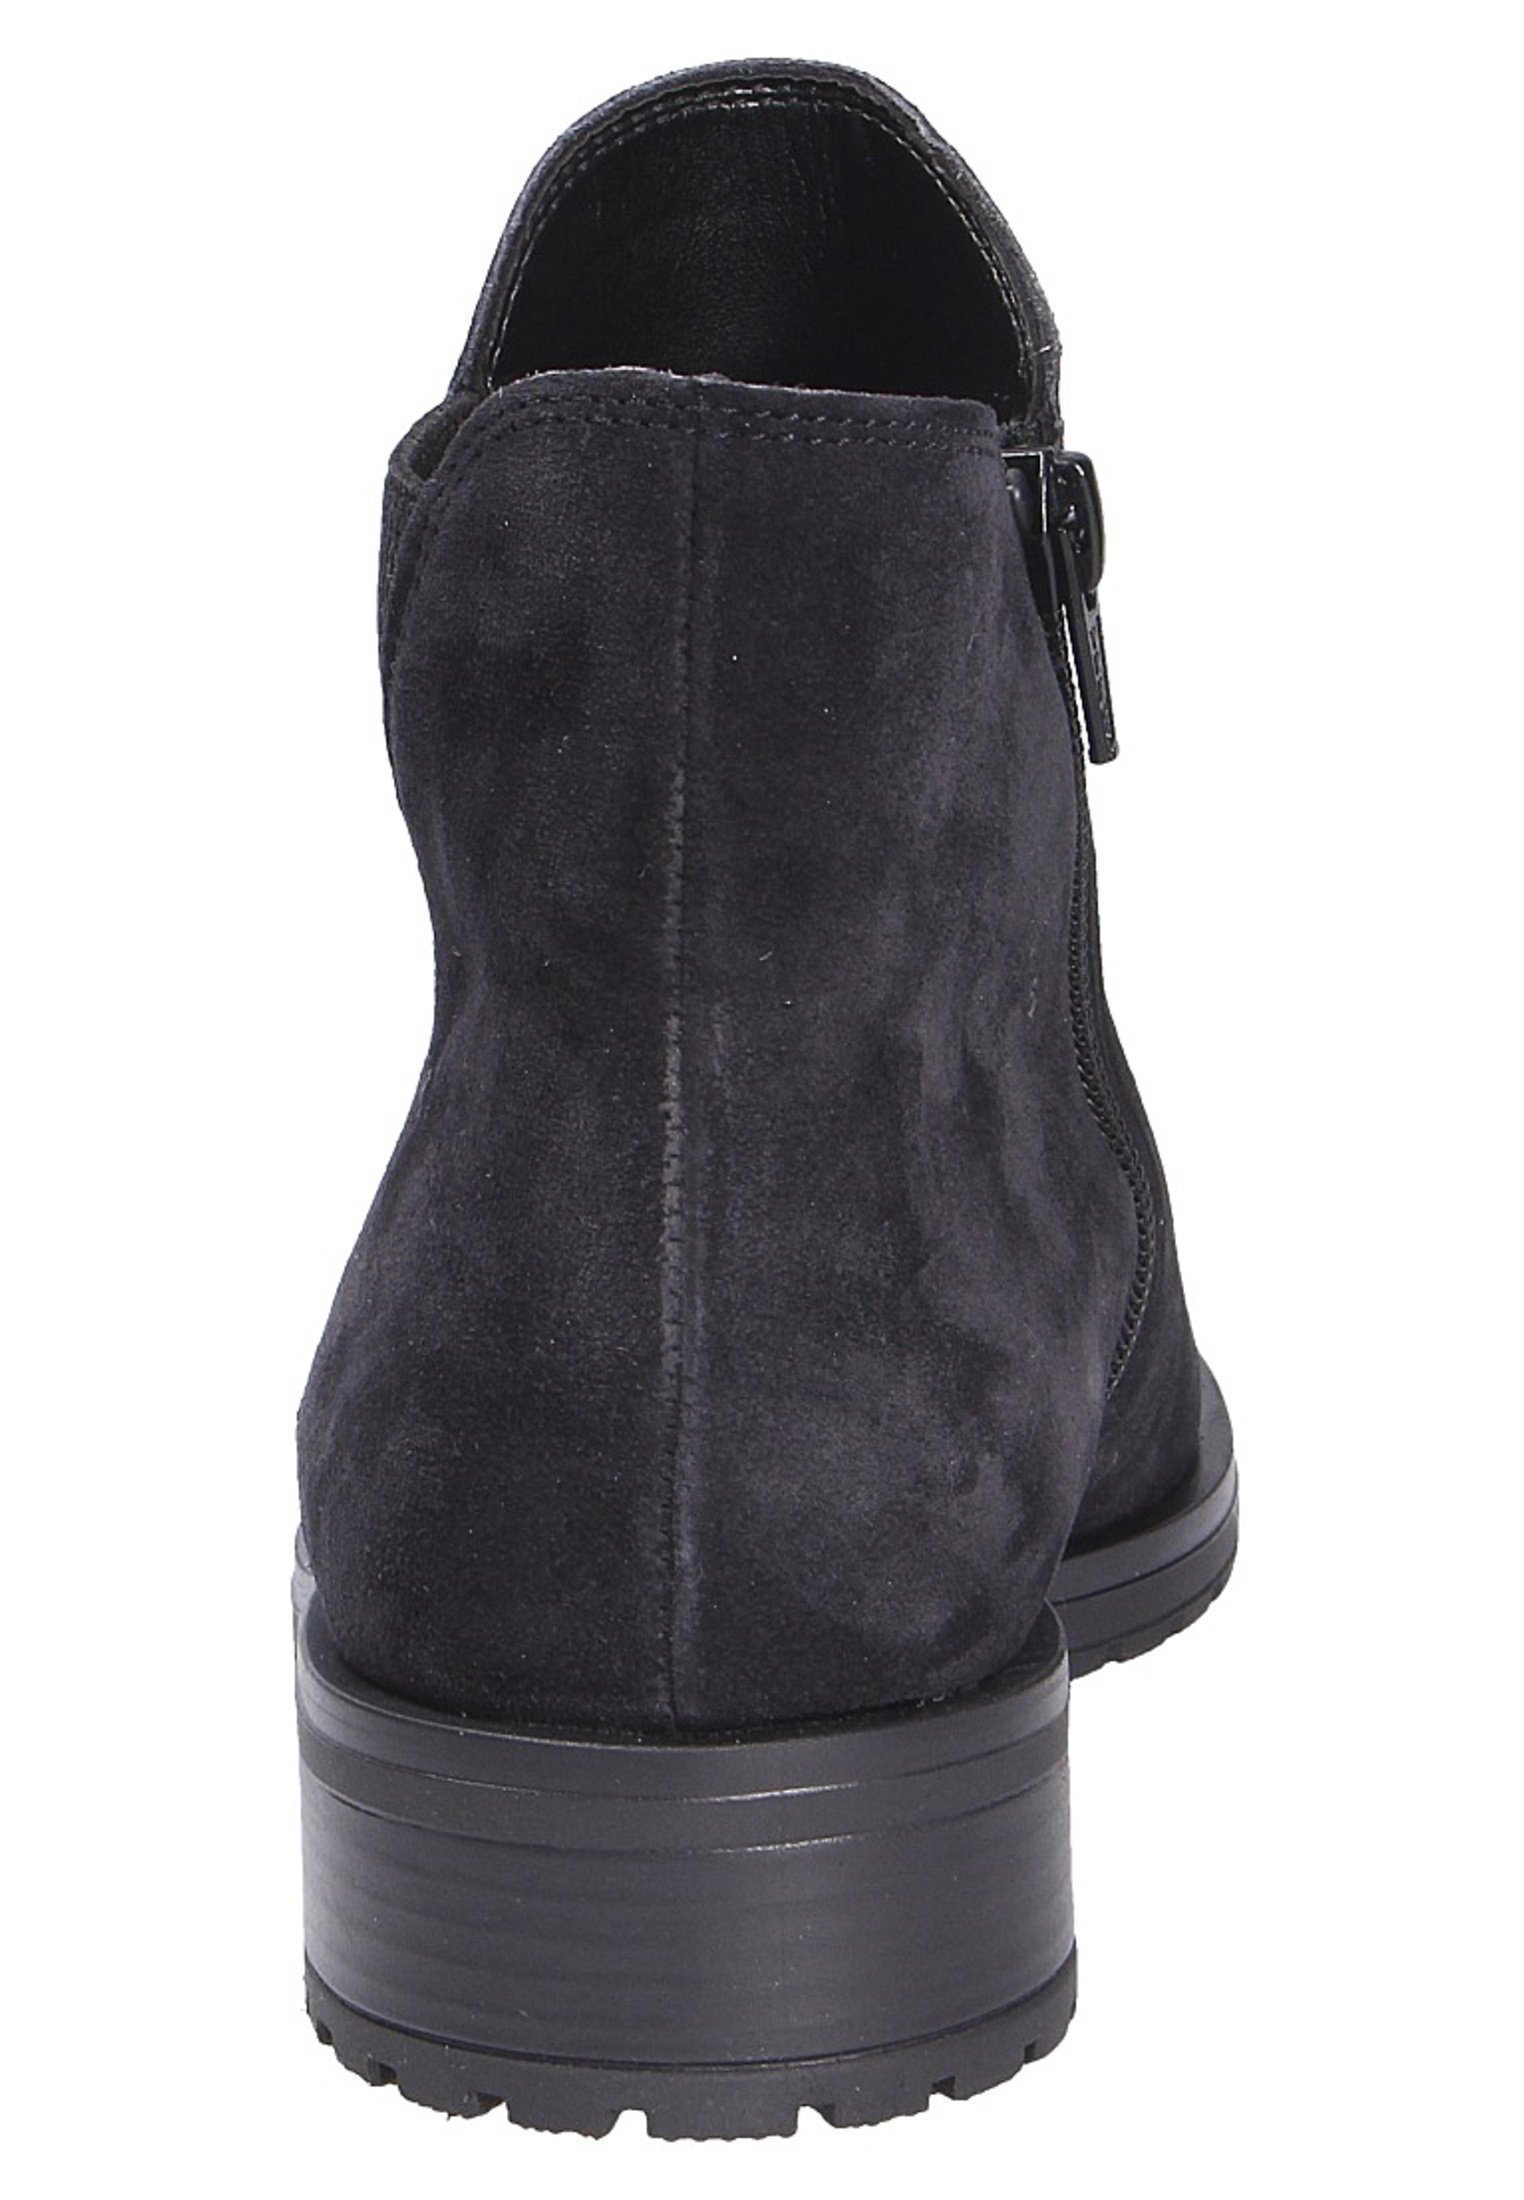 Gabor Stiefelette - blue | Damen Schuhe 2020